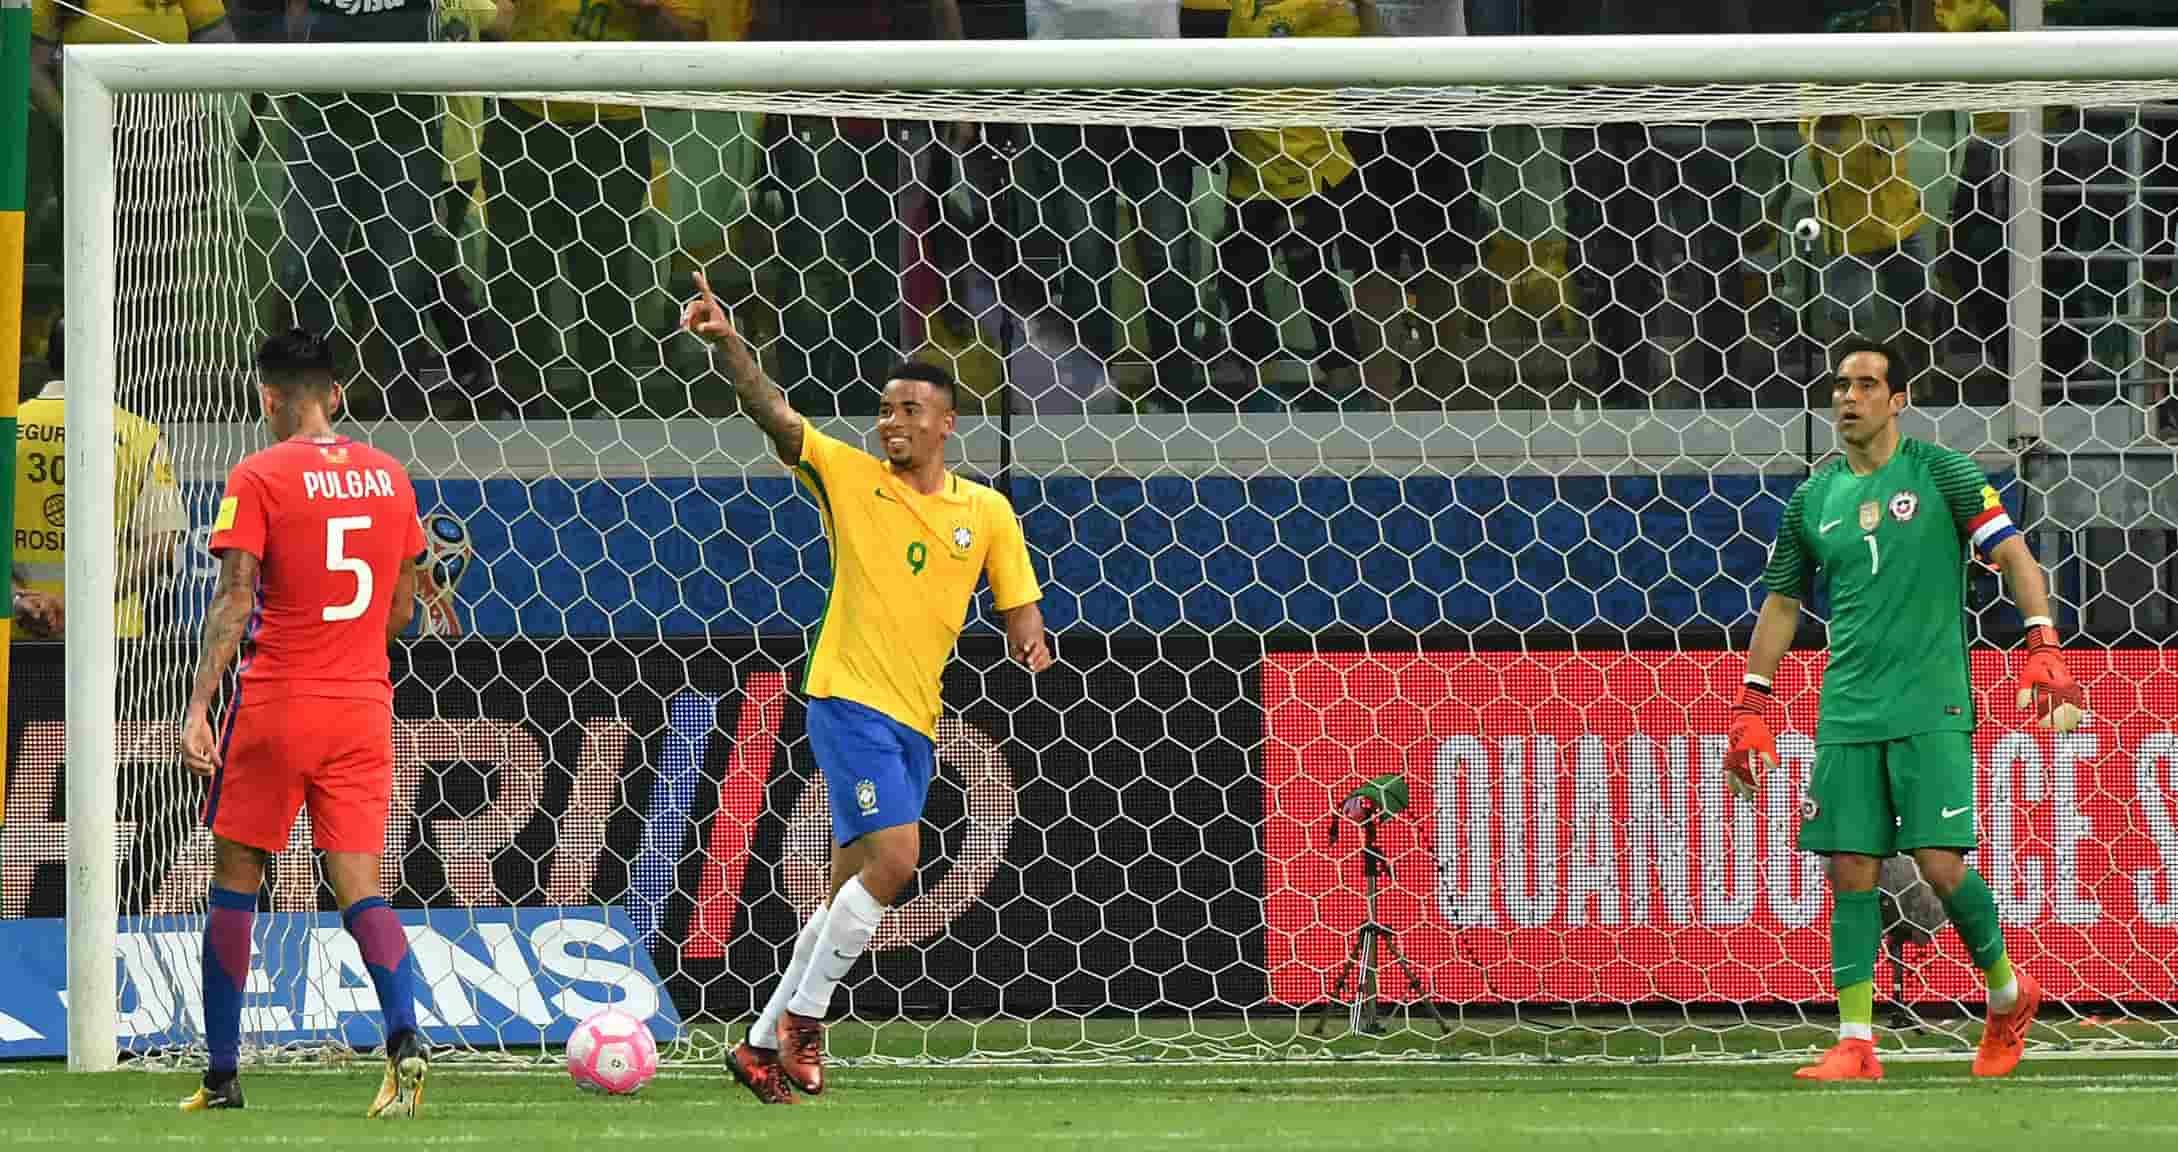 Gabriel-jesus-scored-against-claudio-bravo